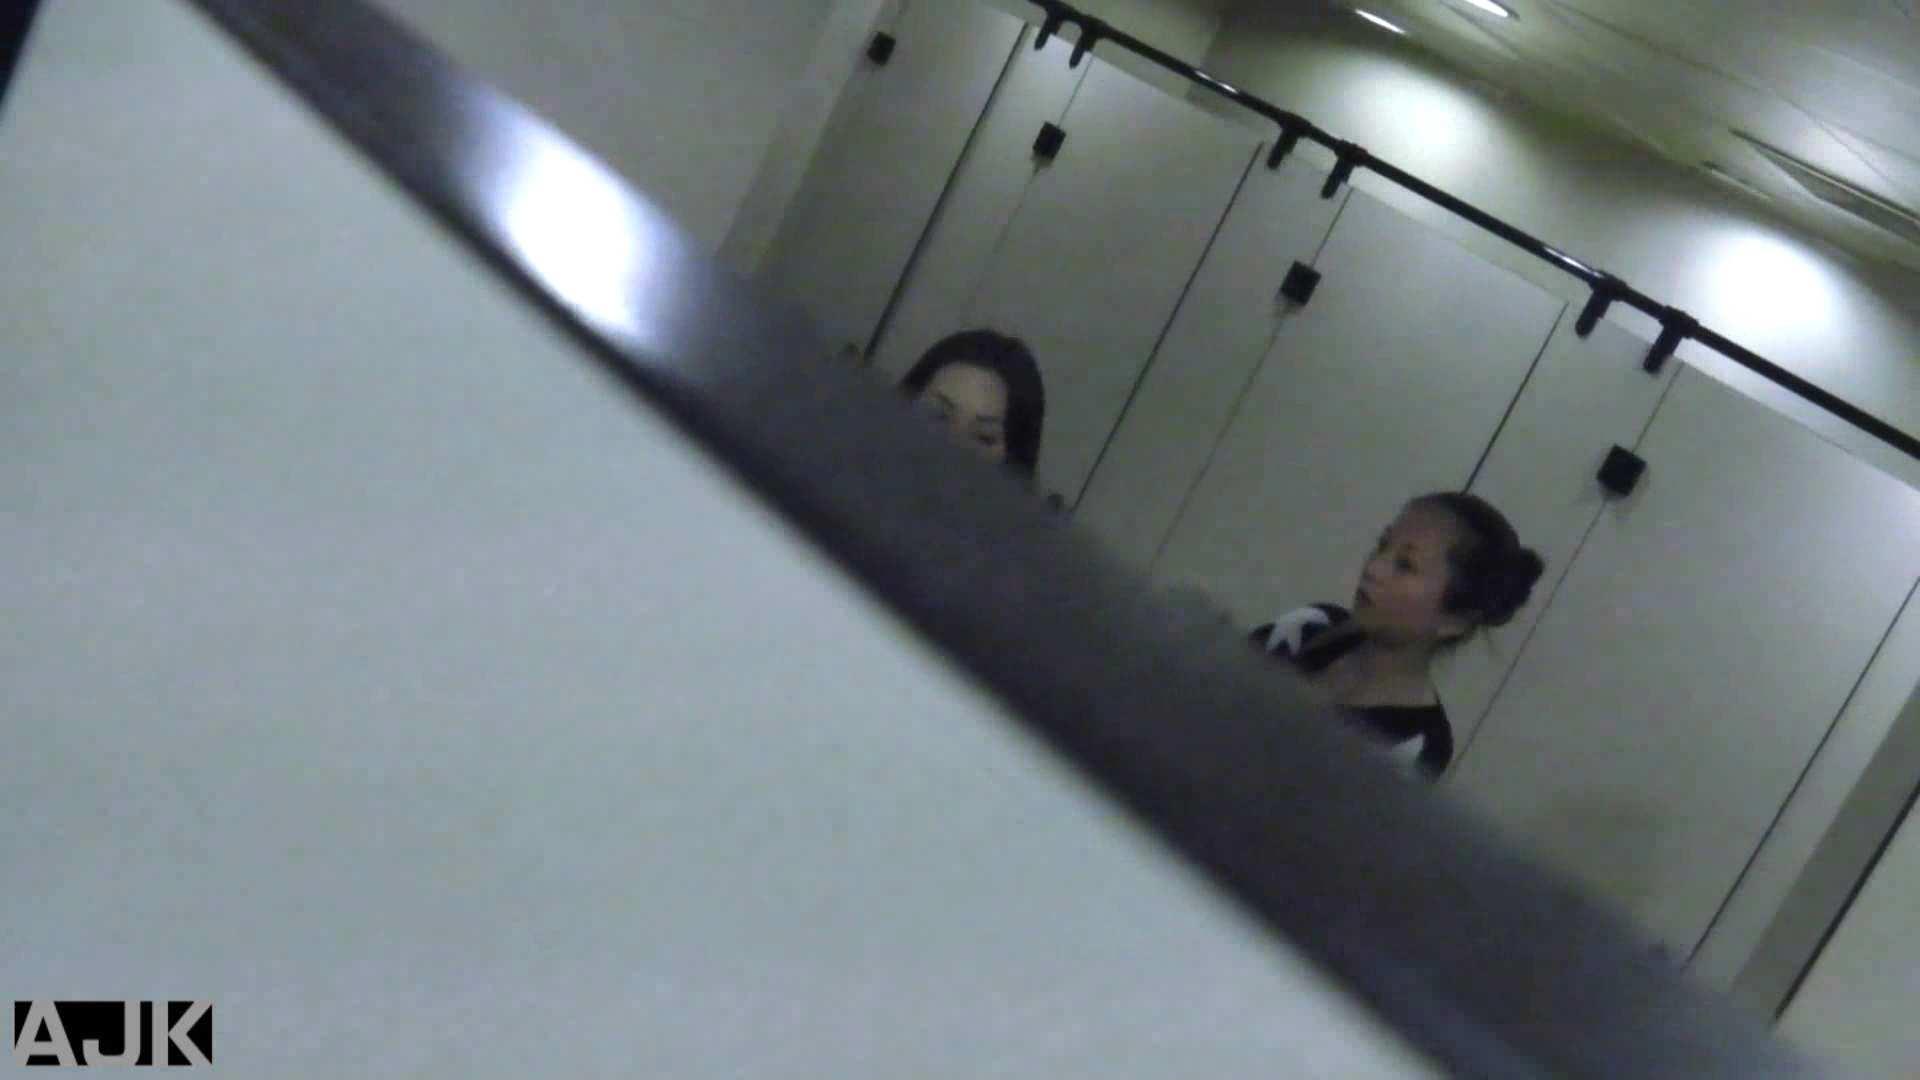 隣国上階級エリアの令嬢たちが集うデパートお手洗い Vol.30 洗面所のぞき オメコ動画キャプチャ 100枚 46